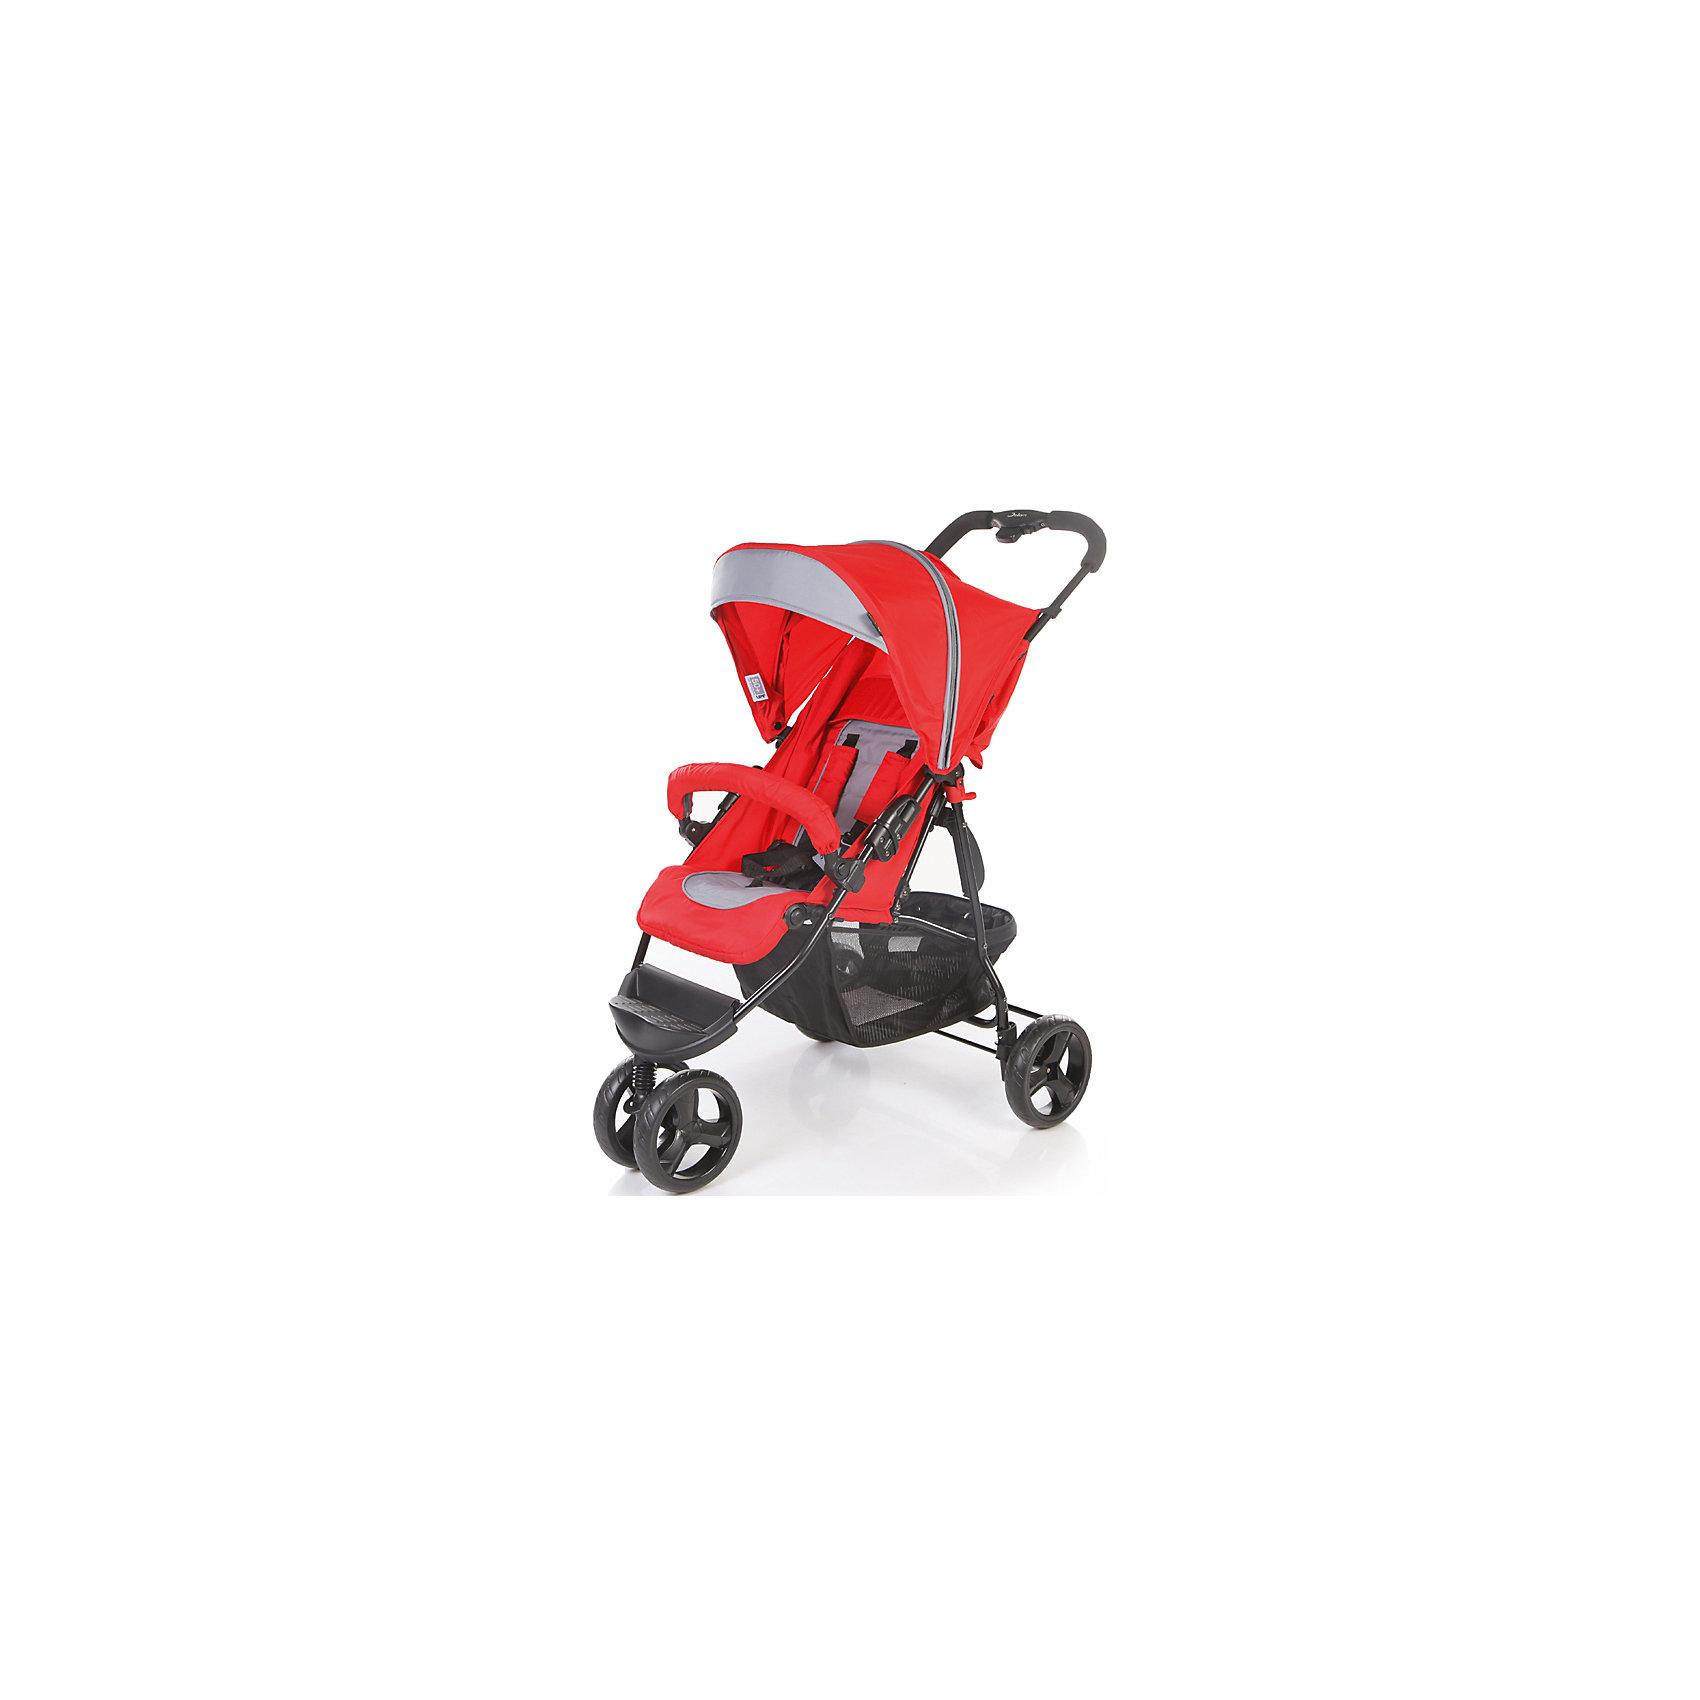 Прогулочная коляска Jetem Mira Lite, красный/тёмно-серый Red/Dark GreyПрогулочные коляски<br>Mira Lite- это трехколесная прогулочная коляска. Обладает 5-ти точечными ремнями безопасности, съемным бампером с мягкой обивкой и регулируемой подножкой. <br>Коляска очень легко и компактно складывается и имеет 5 уровней наклона спинки. В комплект входит чехол на ножки.<br><br>Особенности:<br>- Металлическая рама;<br>- 5-ти точечные ремни безопасности;<br>- Съемный бампер с мягкой обивкой, <br>- Компактное складывание;<br>- 5 уровней наклона спинки;<br>- Ножная тормозная система;<br>- Регулируемая подножка;<br>- Амортизация задних колёс.<br>- В комплект входит чехол на ноги.<br>- Механизм складывания: книжка.<br>Диаметр колес: <br>- Передние – 20.3 см;<br>- Задние — 20.3 см. <br>Тип колес: передние-двойные, задние-одинарные.<br> Размер корзины: 52х31х20 см.·       <br> Размер в разложенном виде: 91х59х115 см.·  <br> Размер в сложенном виде: 86х59х31 см.<br><br>Дополнительная информация:<br><br>- Размер упаковки: 79х47х16 см.<br>- Вес в упаковке: 9 кг.<br><br>Прогулочную коляску Mira Lite можно купить в нашем магазине.<br><br>Ширина мм: 790<br>Глубина мм: 470<br>Высота мм: 160<br>Вес г: 9000<br>Возраст от месяцев: 6<br>Возраст до месяцев: 36<br>Пол: Унисекс<br>Возраст: Детский<br>SKU: 4746893